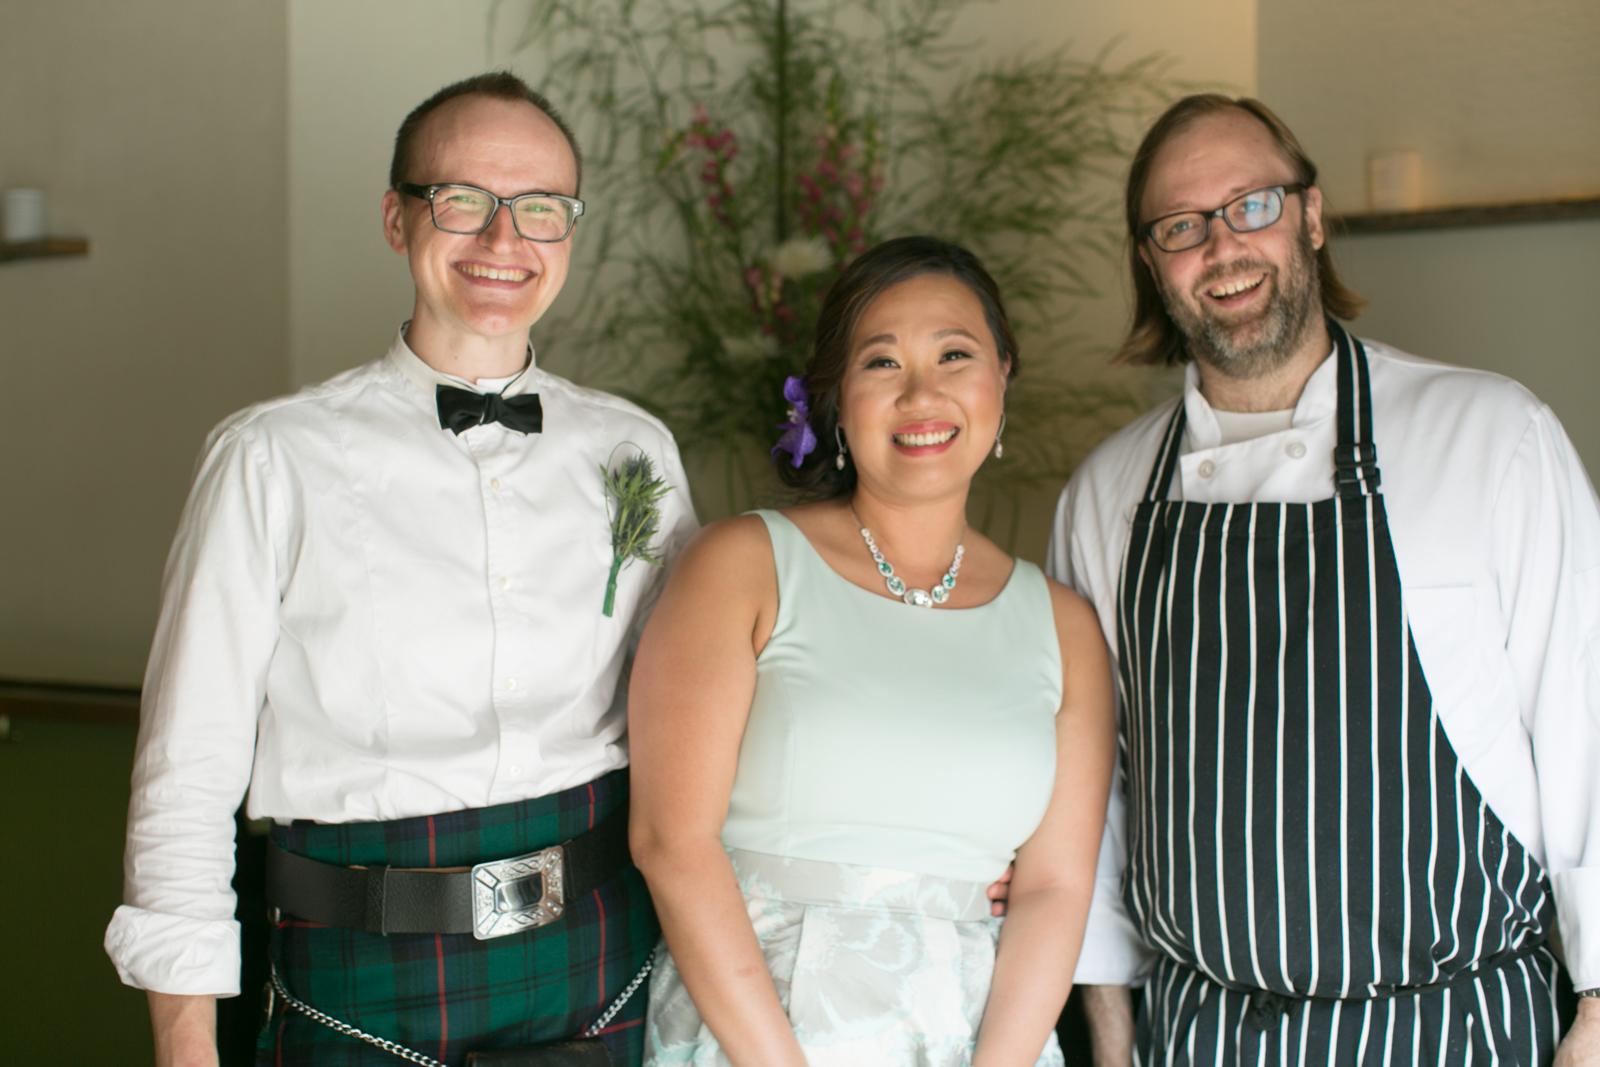 newlyweds with Wylie Dufresne